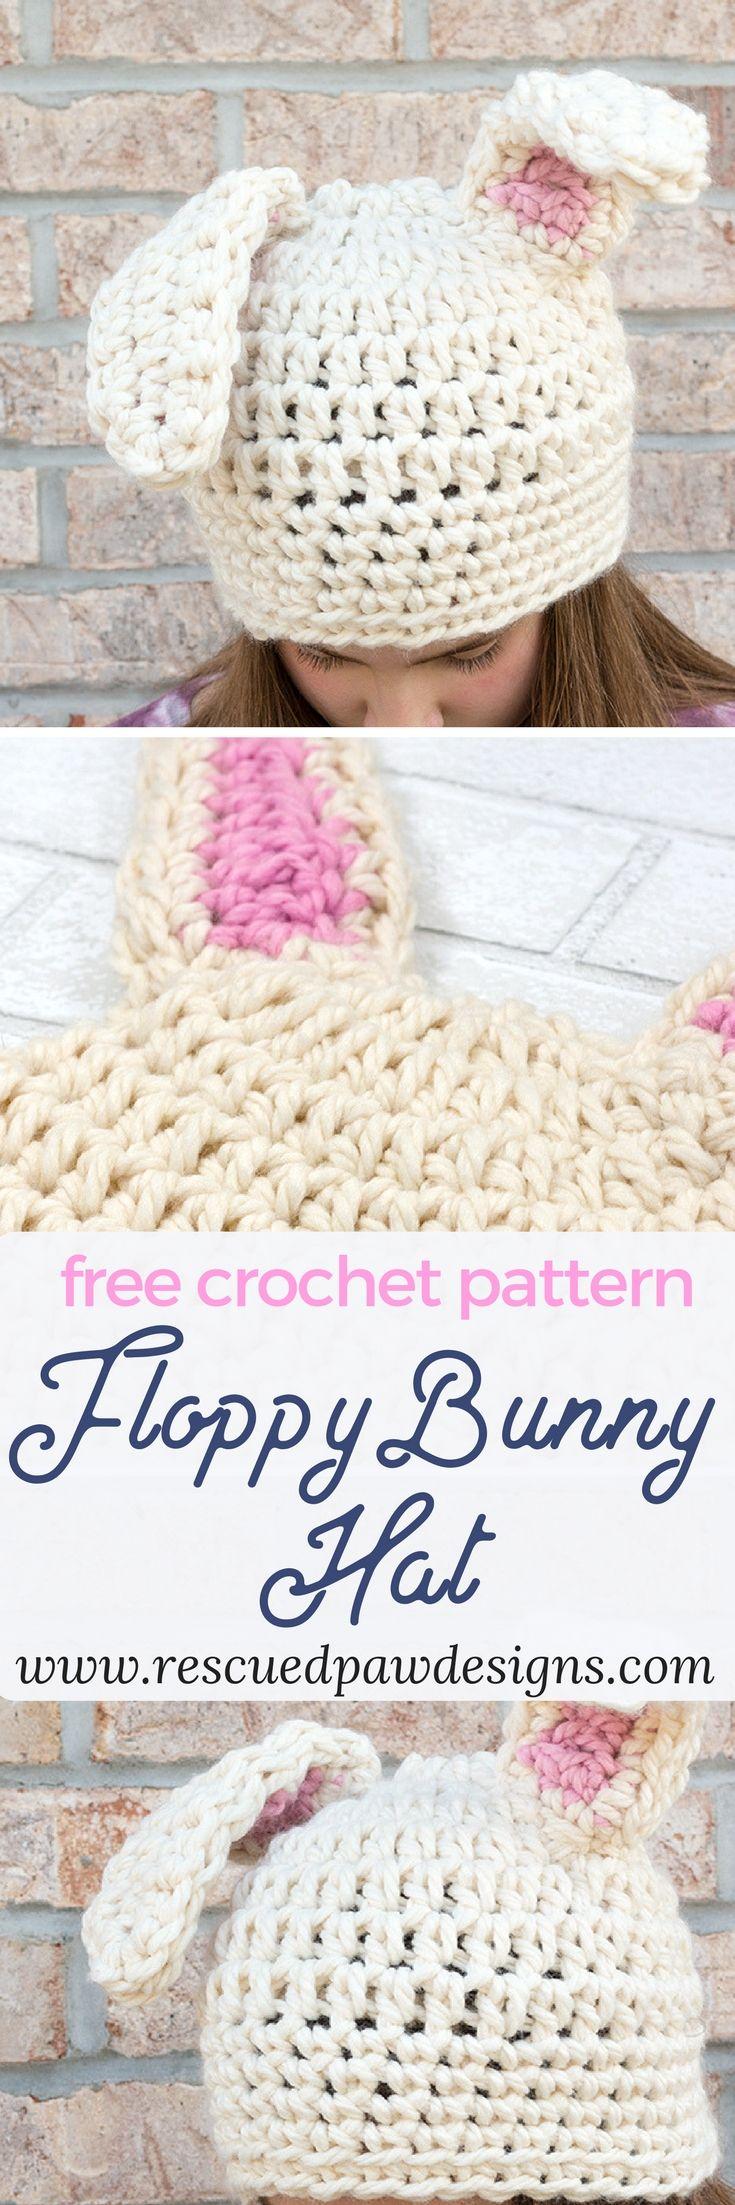 Floppy Bunny Ears Crochet Hat #crochet #crochetears #crochetbunny #freecrochetpattern www.rescuedpawdesigns.com